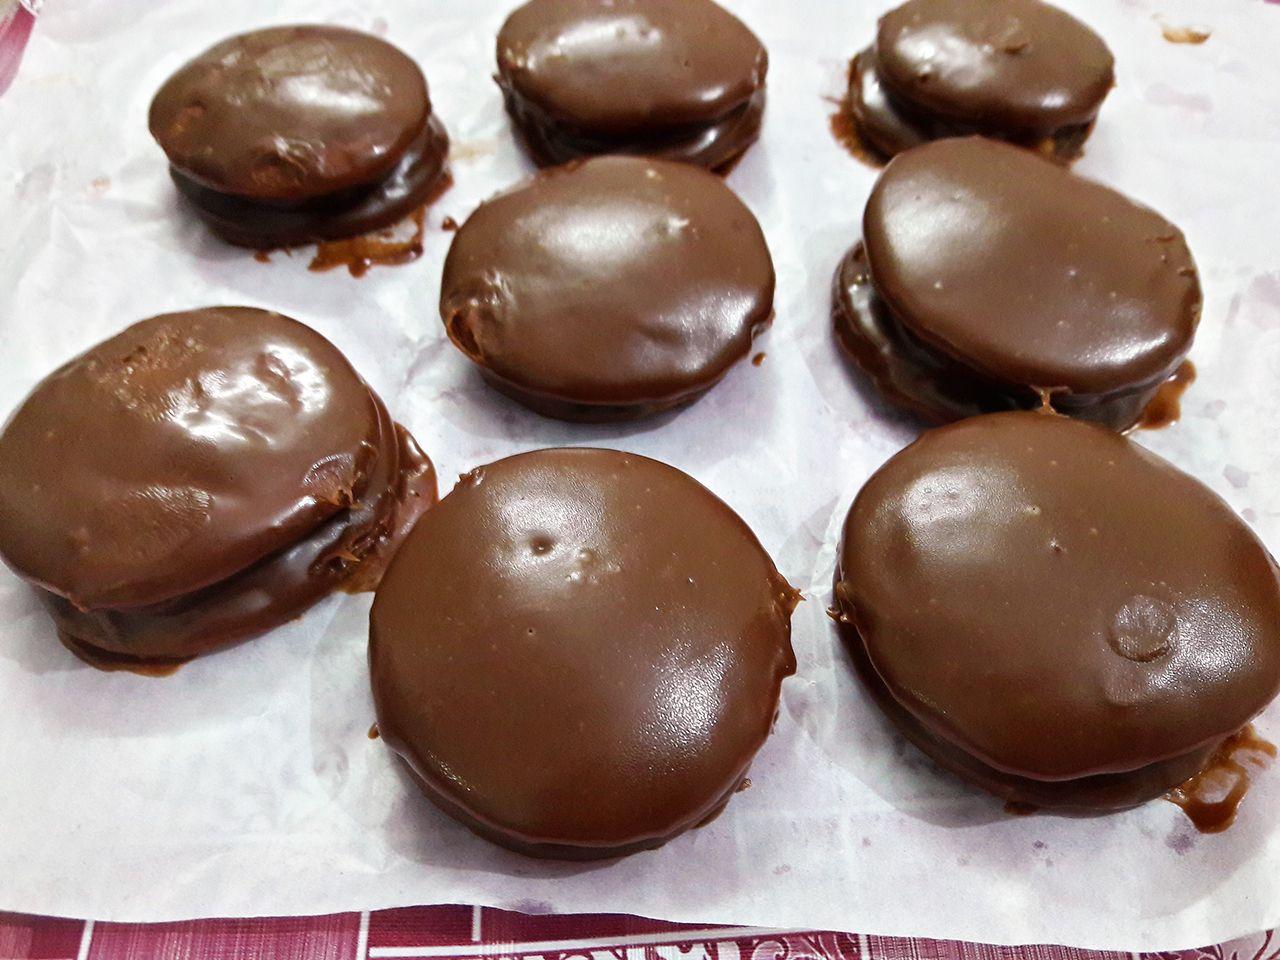 Lotte Choco Pie Recipe Lotte Choco Pie Choco Pie Recipes